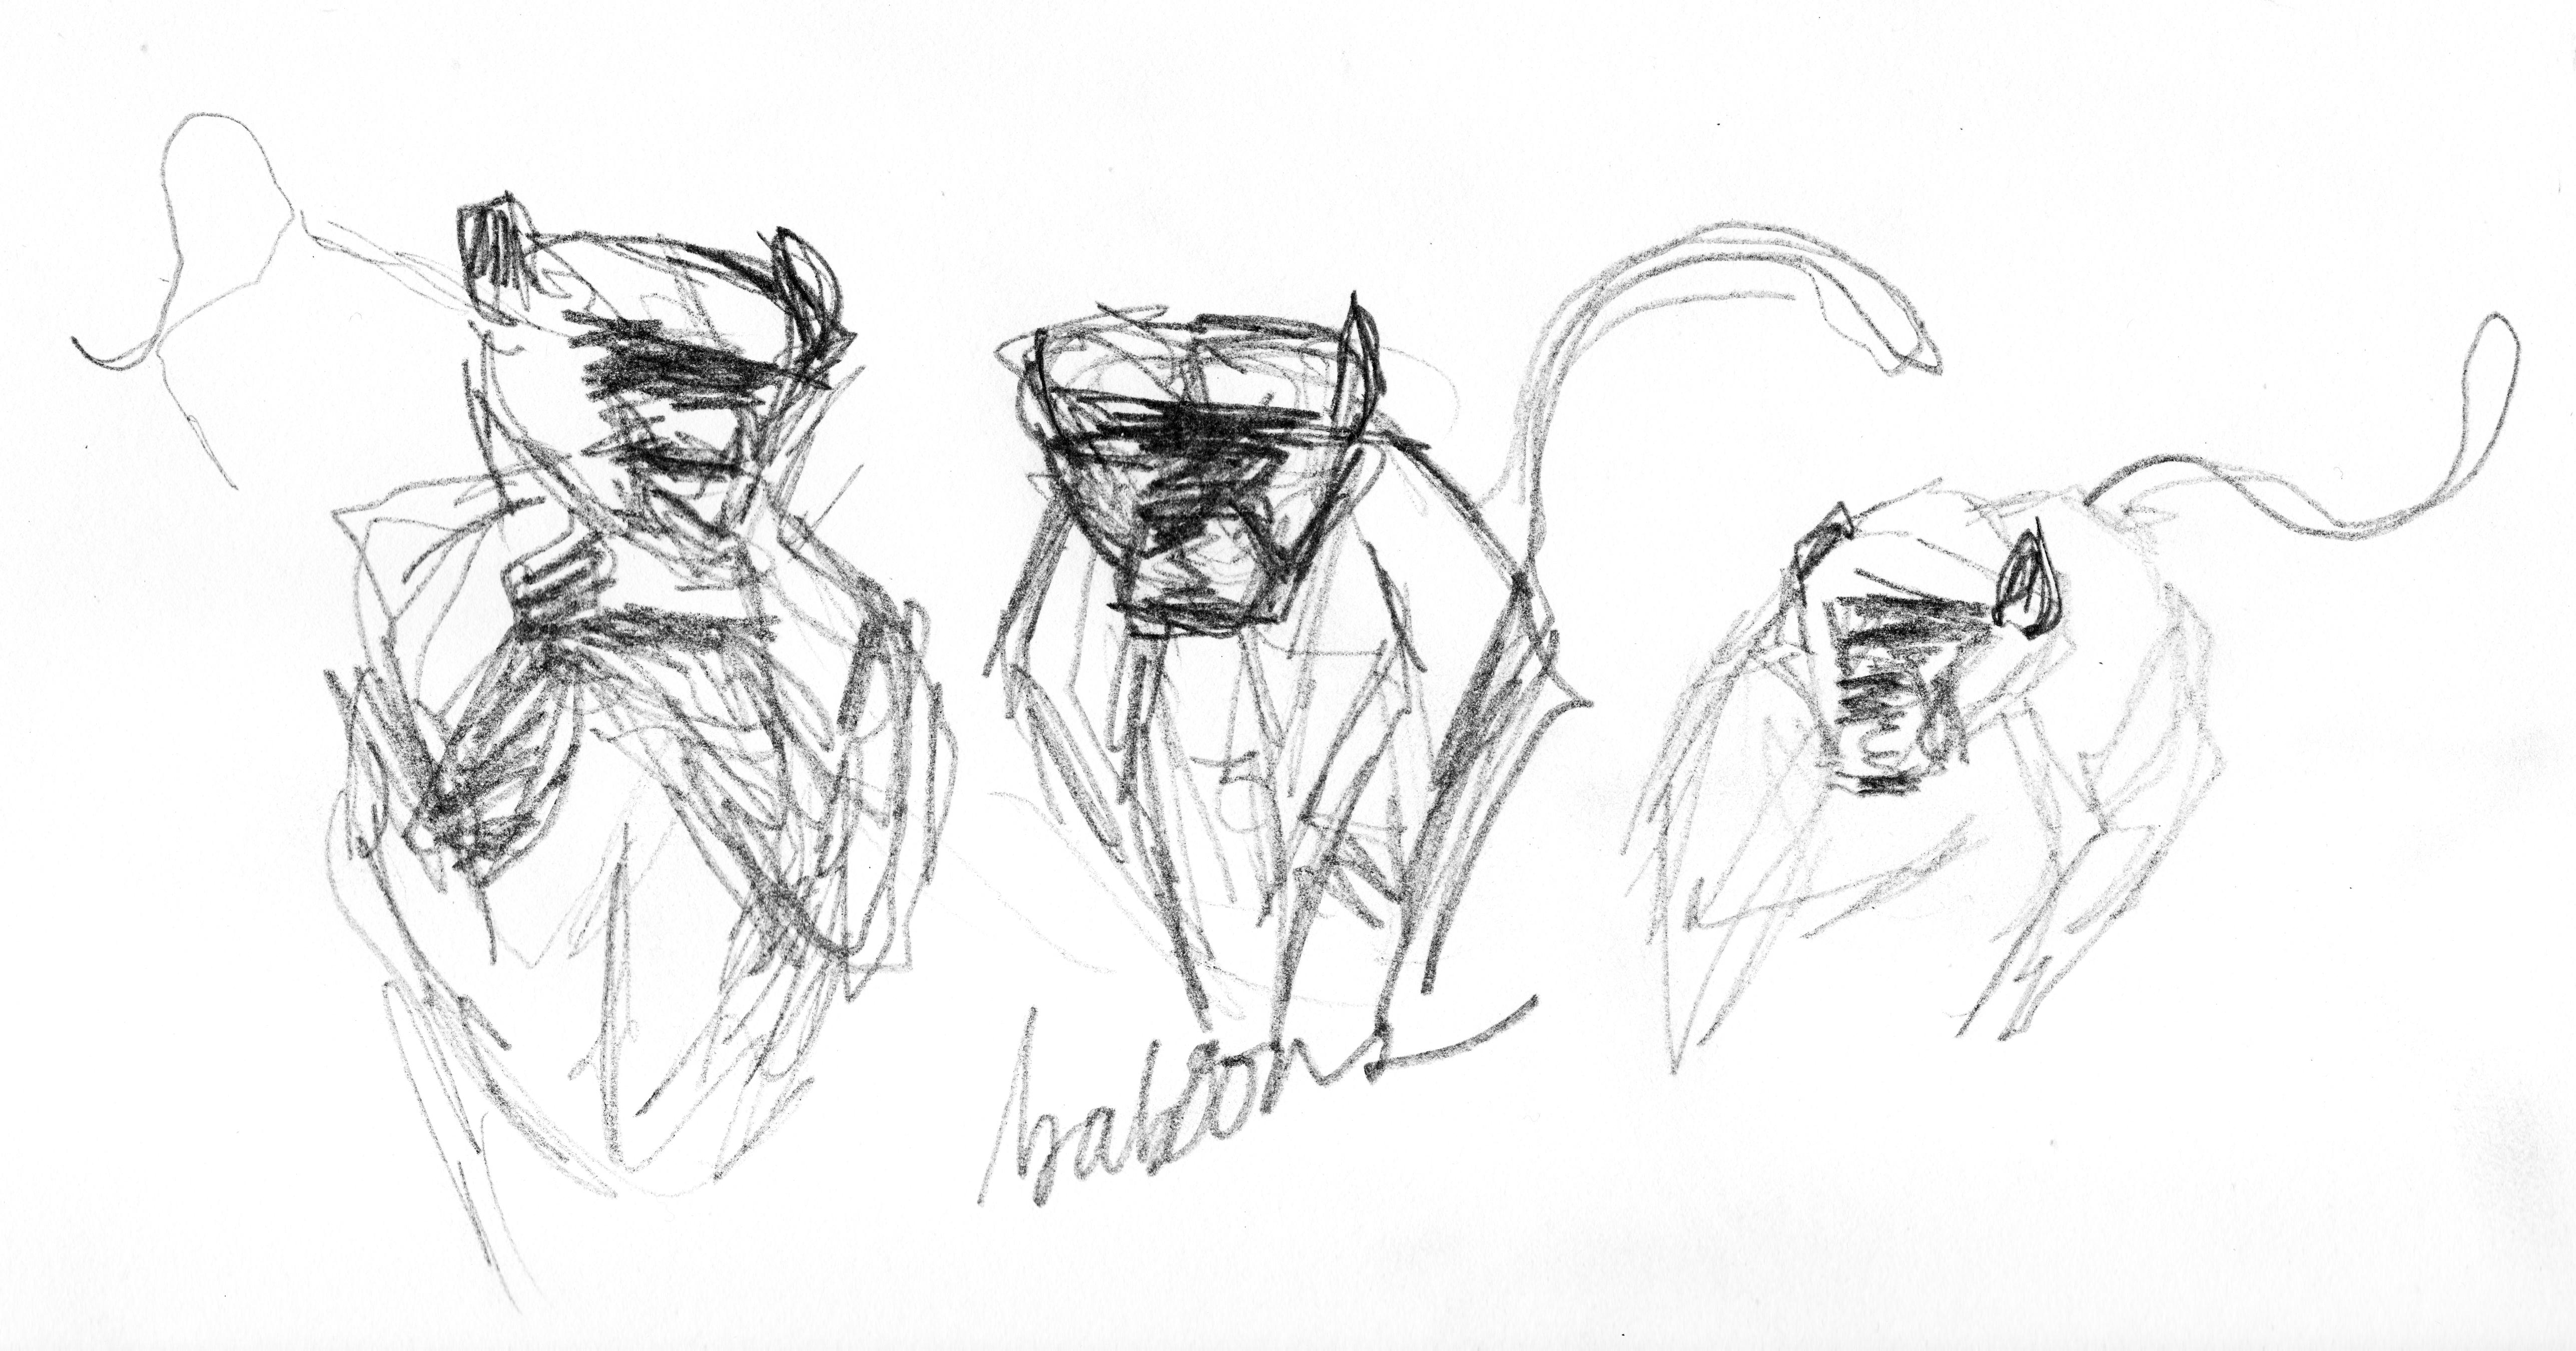 Illustration: field sketches of desert tortoises